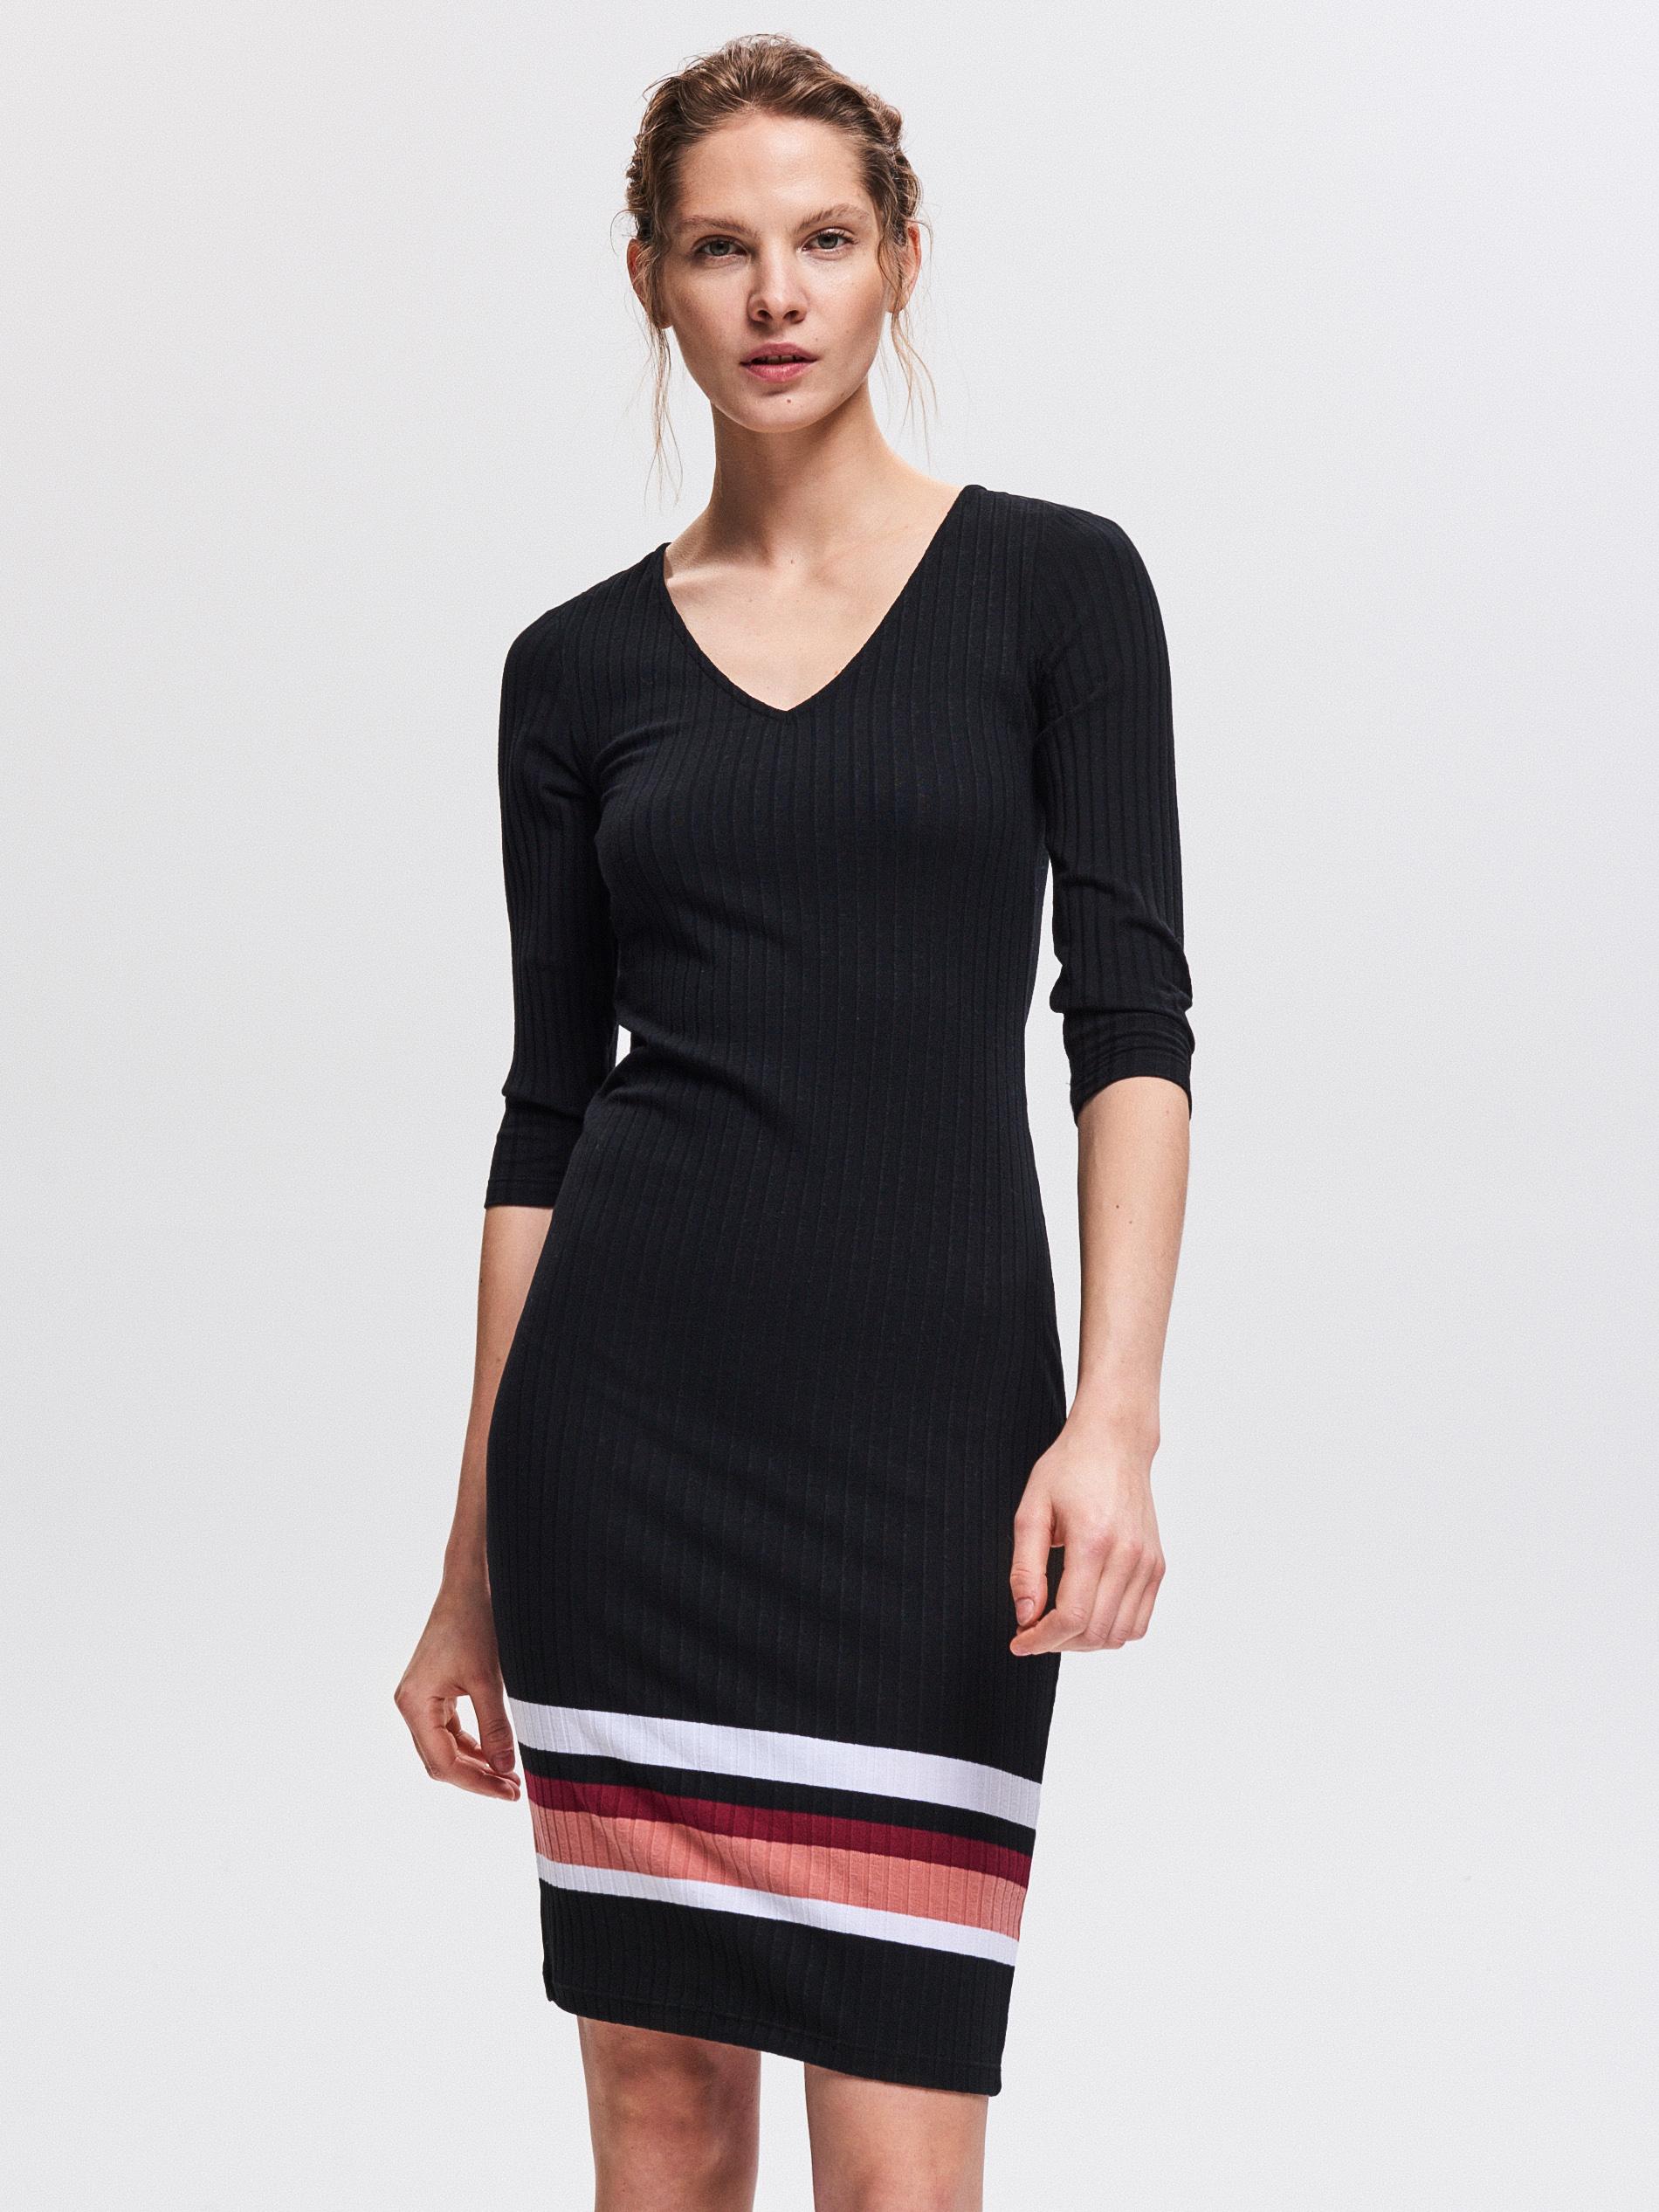 040dcb6723 Reserved - Úpletové šaty - Čierna - Glami.sk